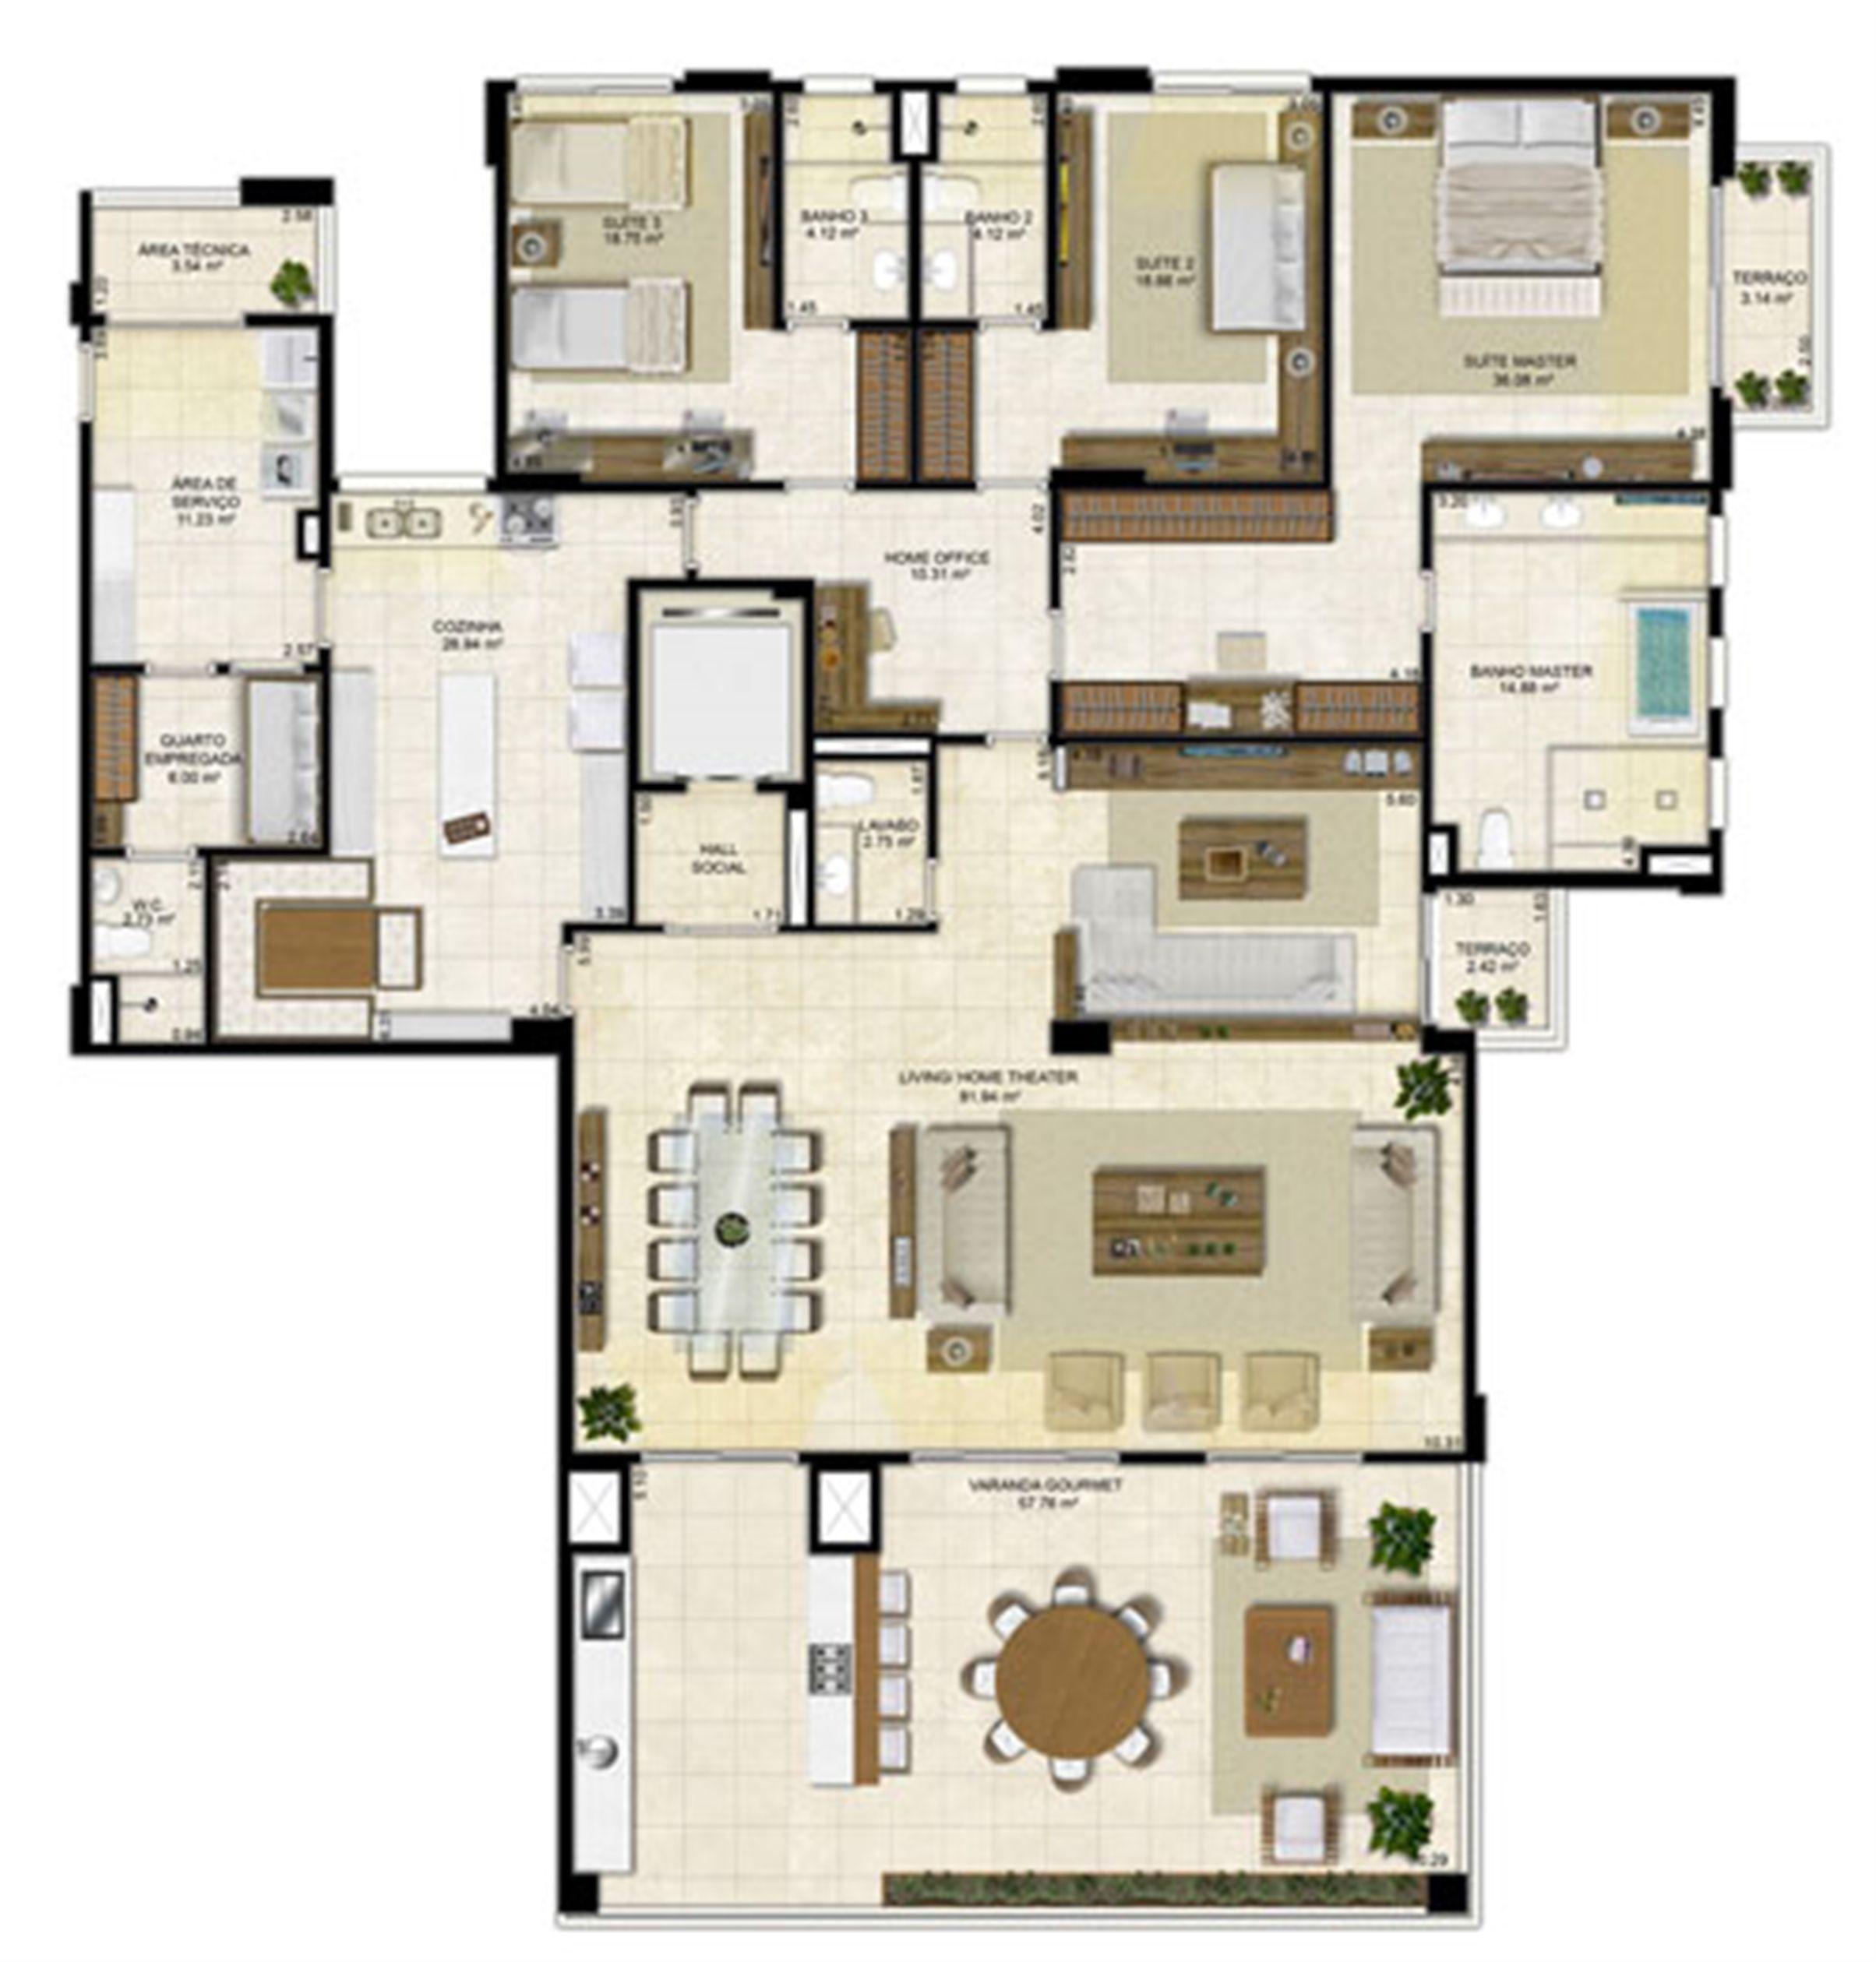 Planta ampliada 305 m² - Cozinha Ampliada e Sala de Jantar integrada – Pavimentos Pares | Île Saint Louis  – Apartamento na  Ponta D'areia - São Luís - Maranhão